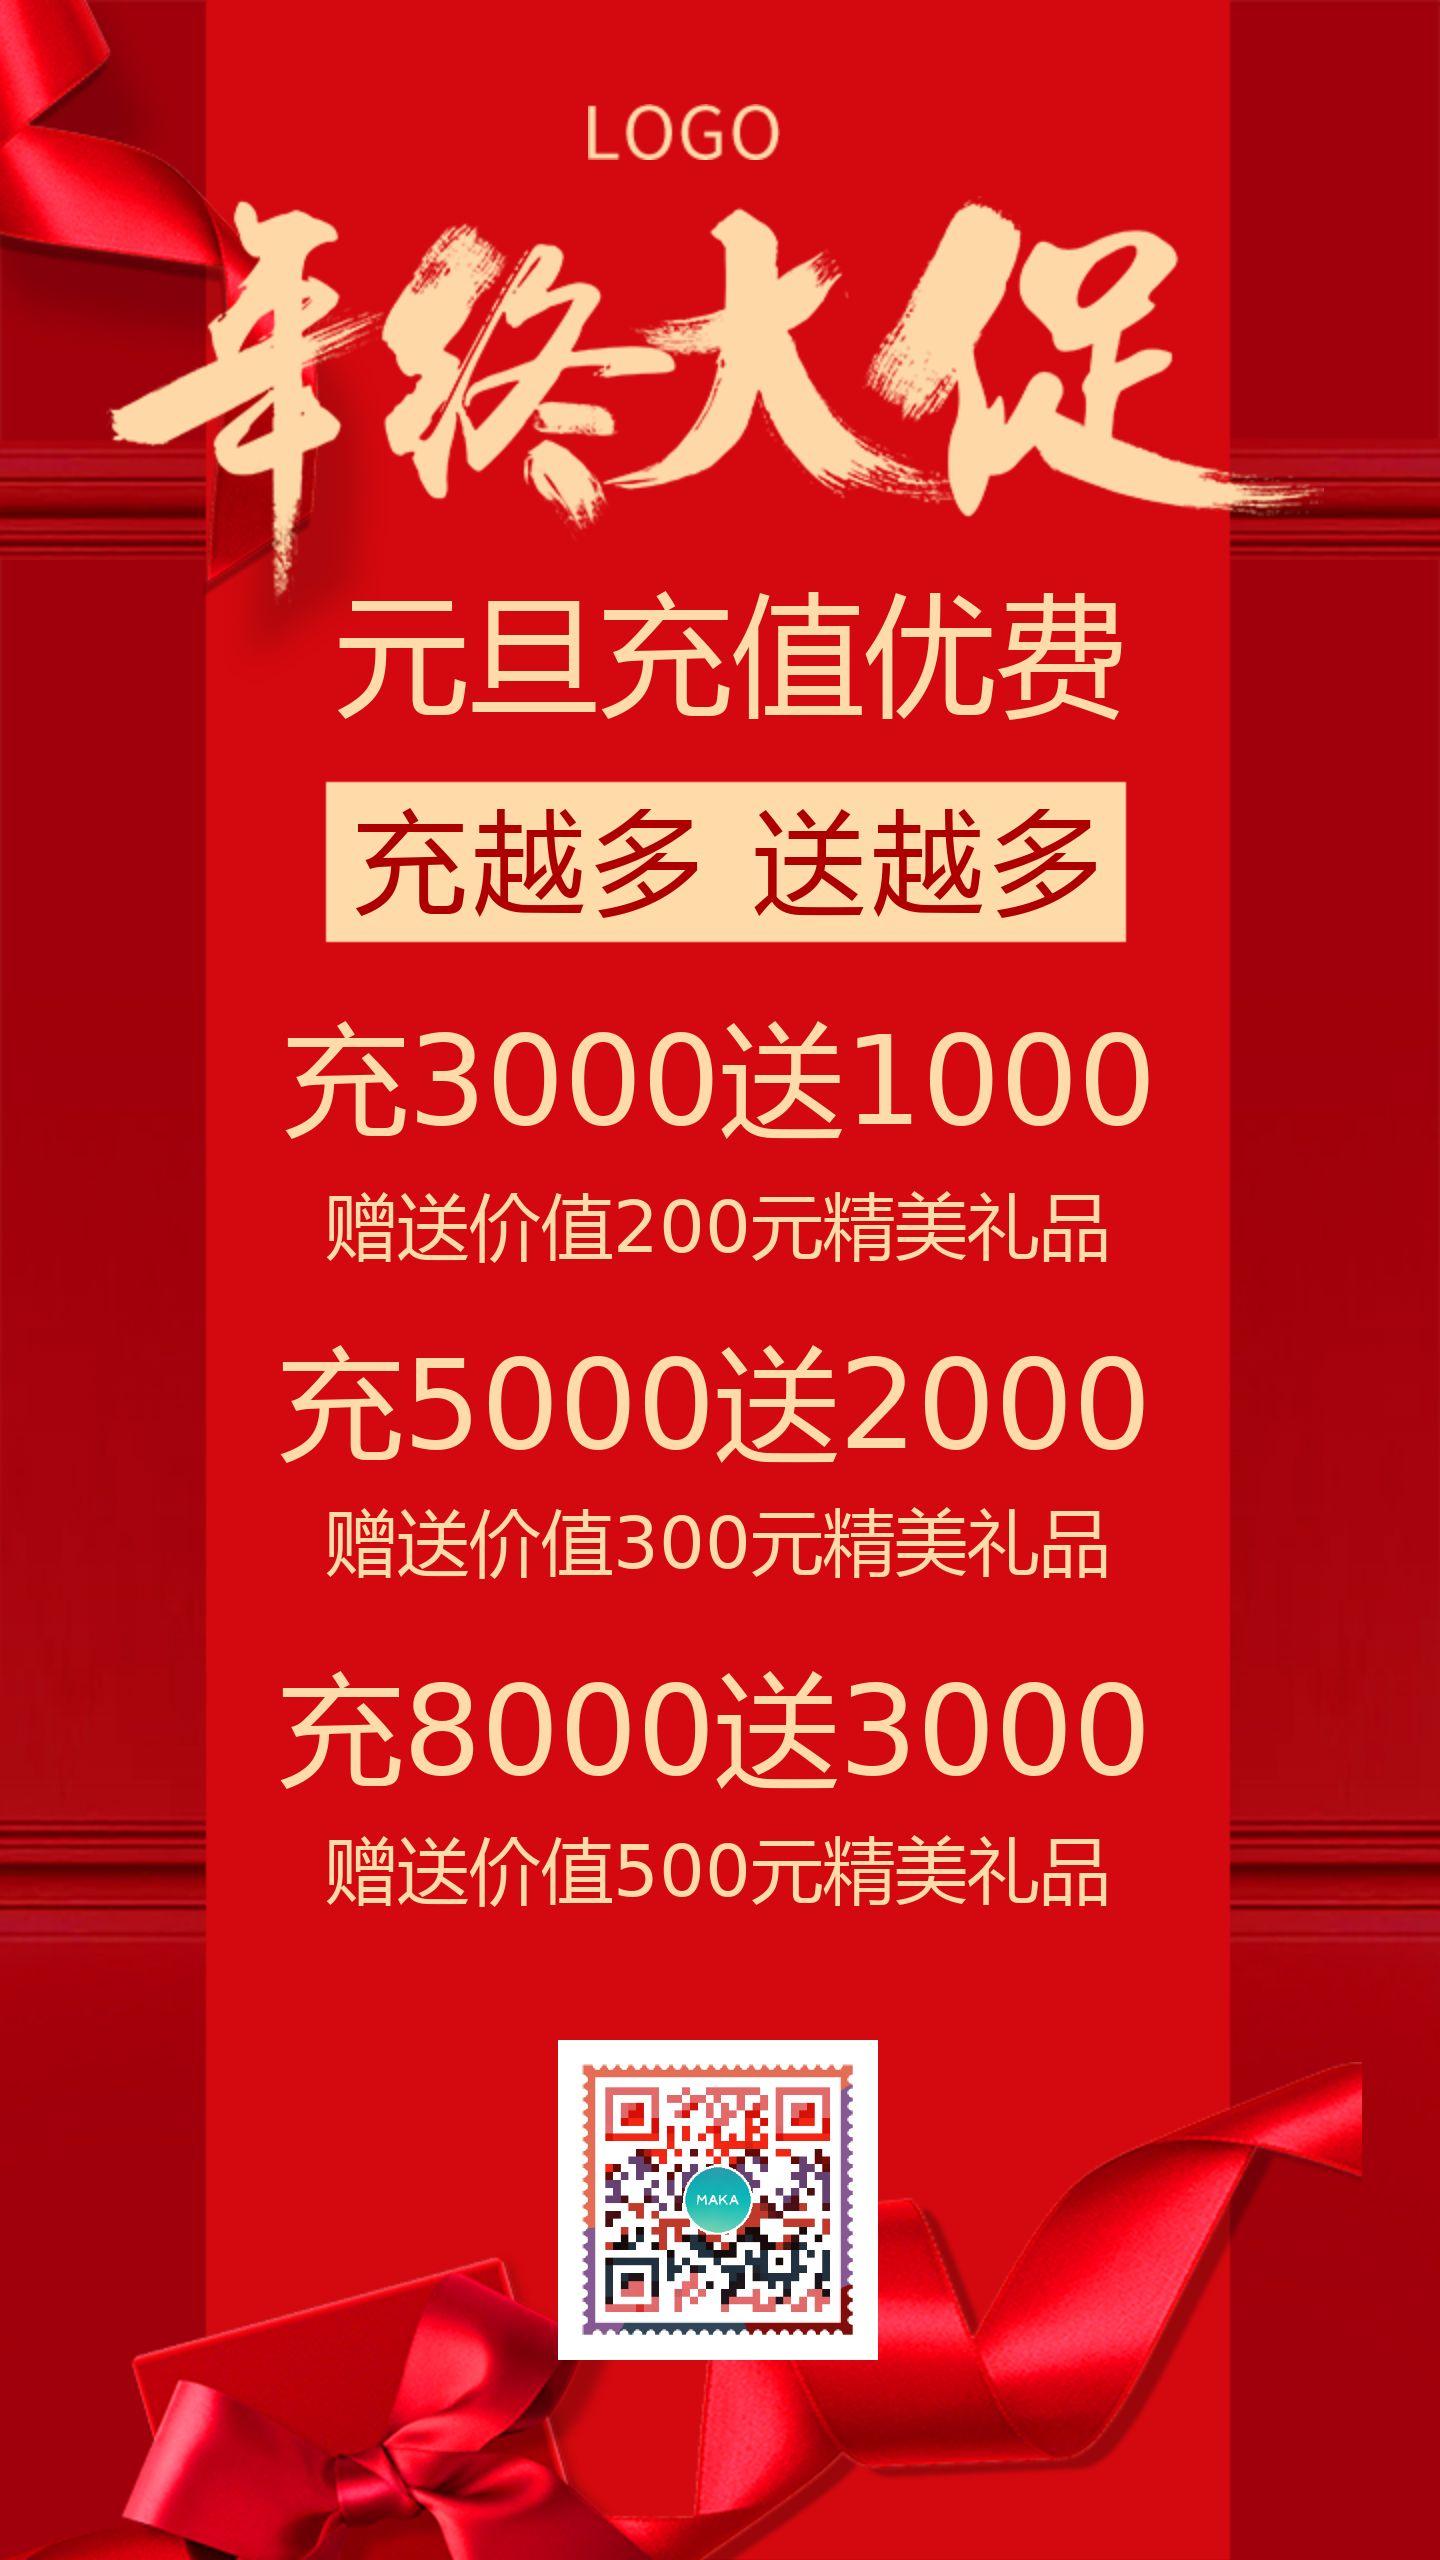 简约会员日周年庆元旦新年VIP充值活动促销大酬宾圣诞优费年终促销钜惠海报